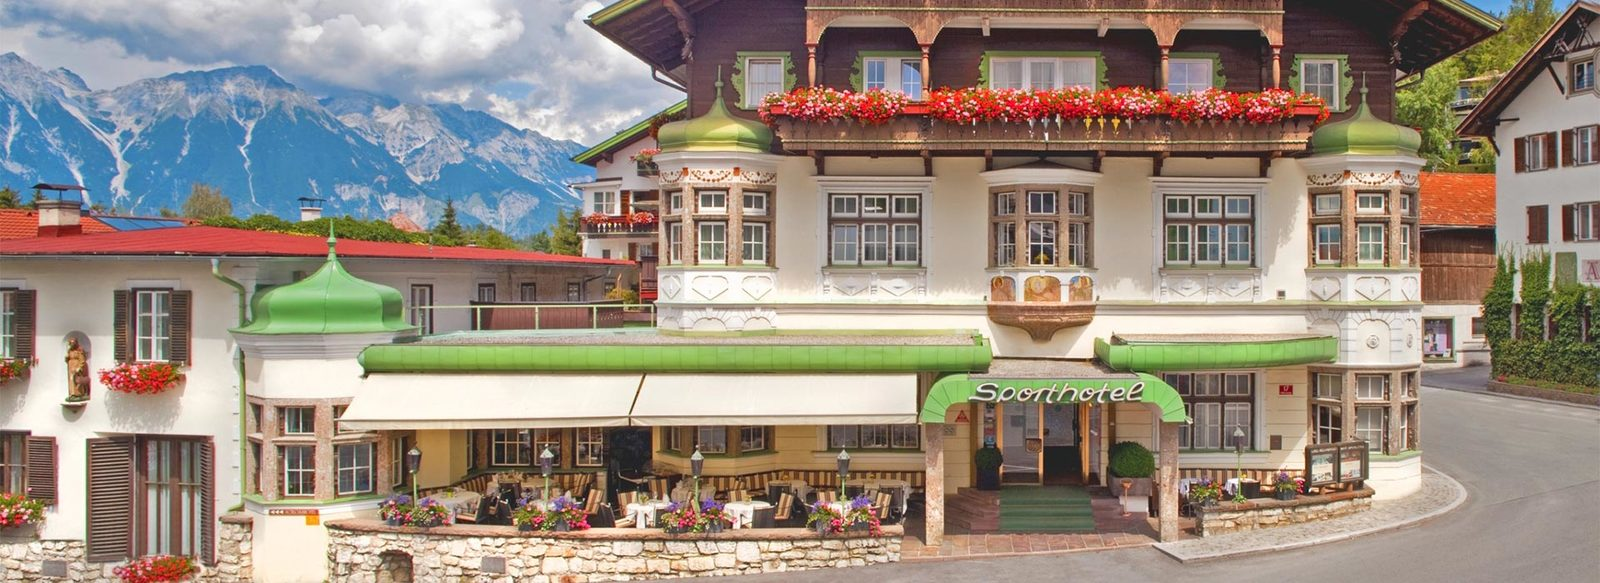 Sulla collina di Innsbruck